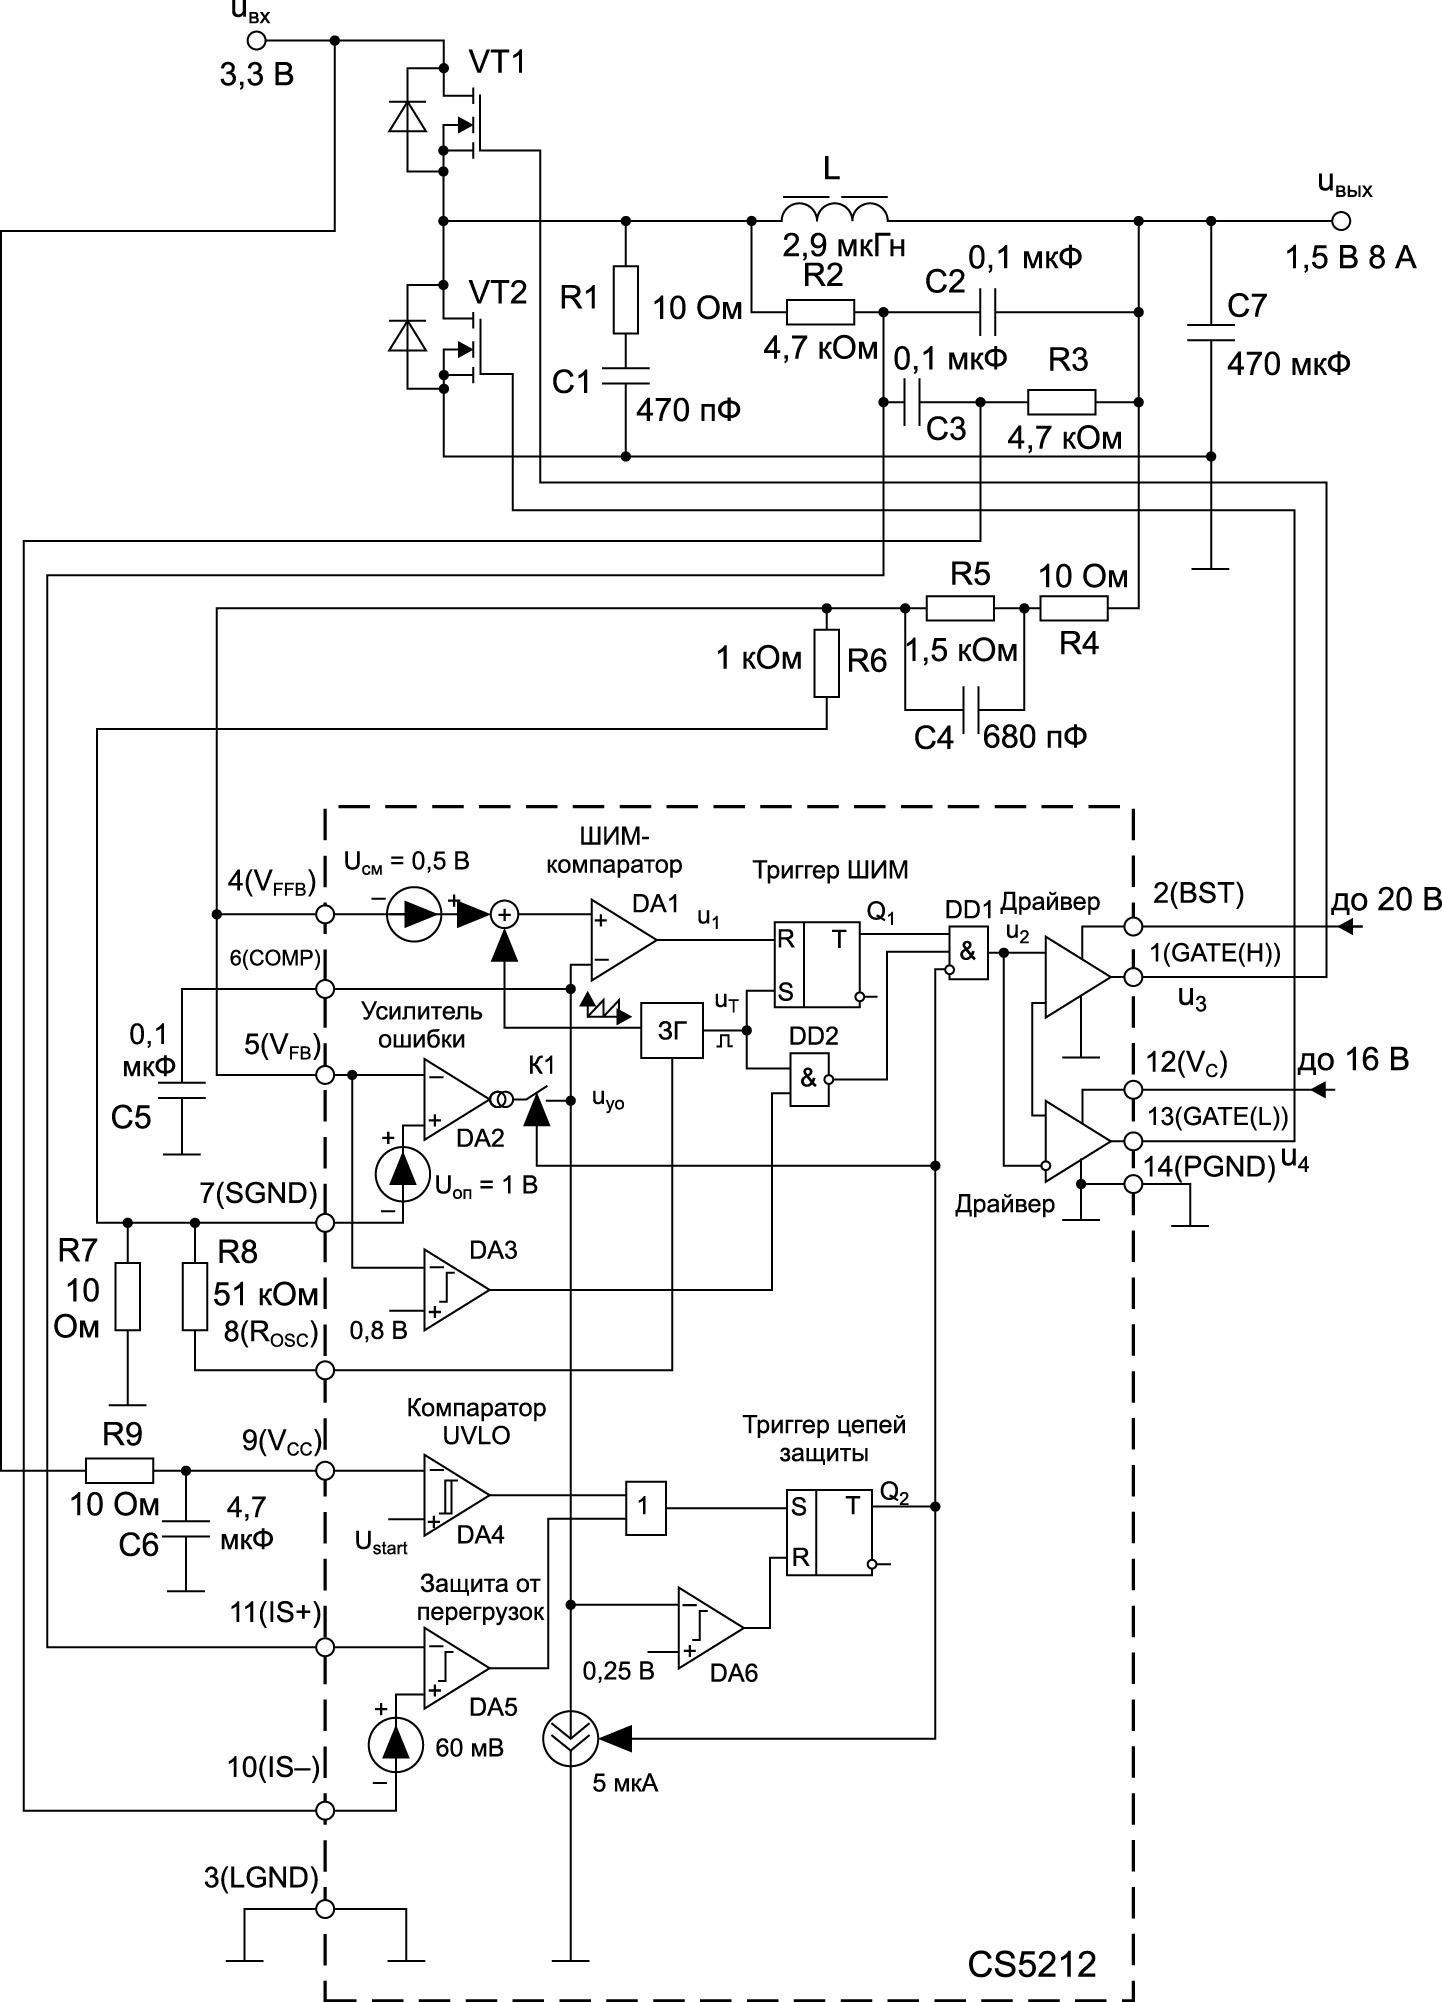 Схема понижающего импульсного преобразователя с синхронным переключателем и V2-управлением